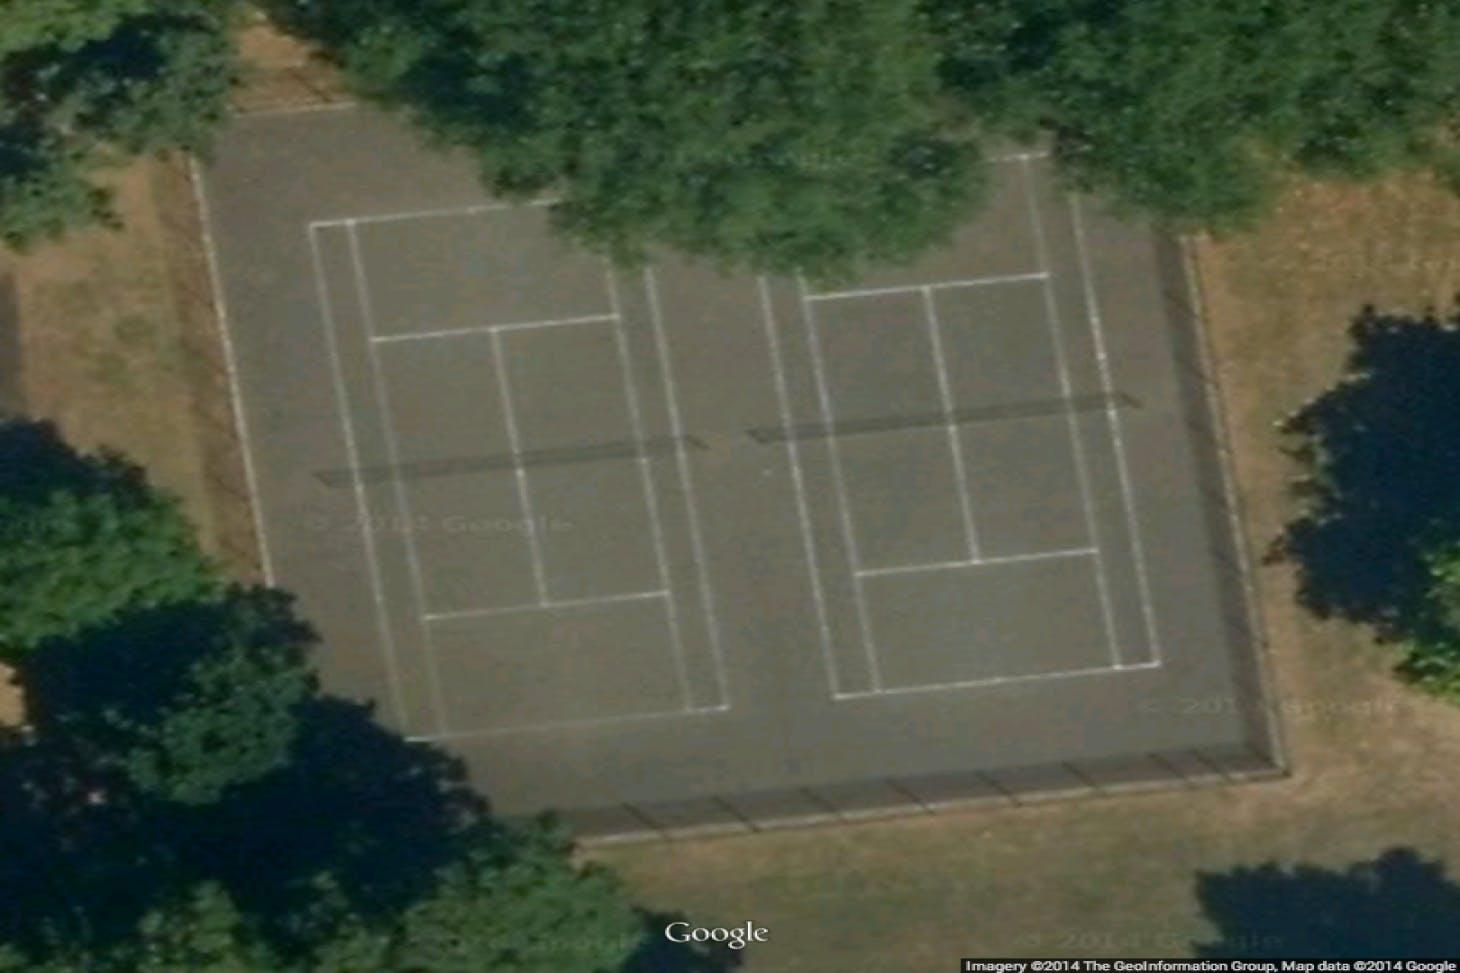 Royal Victoria Gardens Outdoor | Concrete tennis court